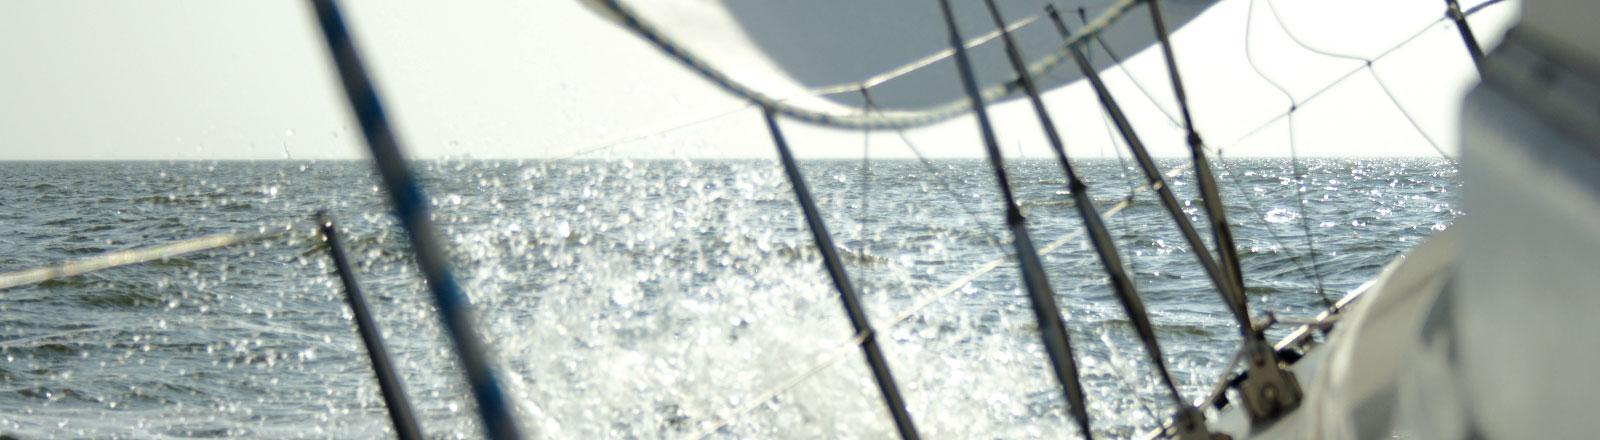 Segeln auf einem Segelschiff